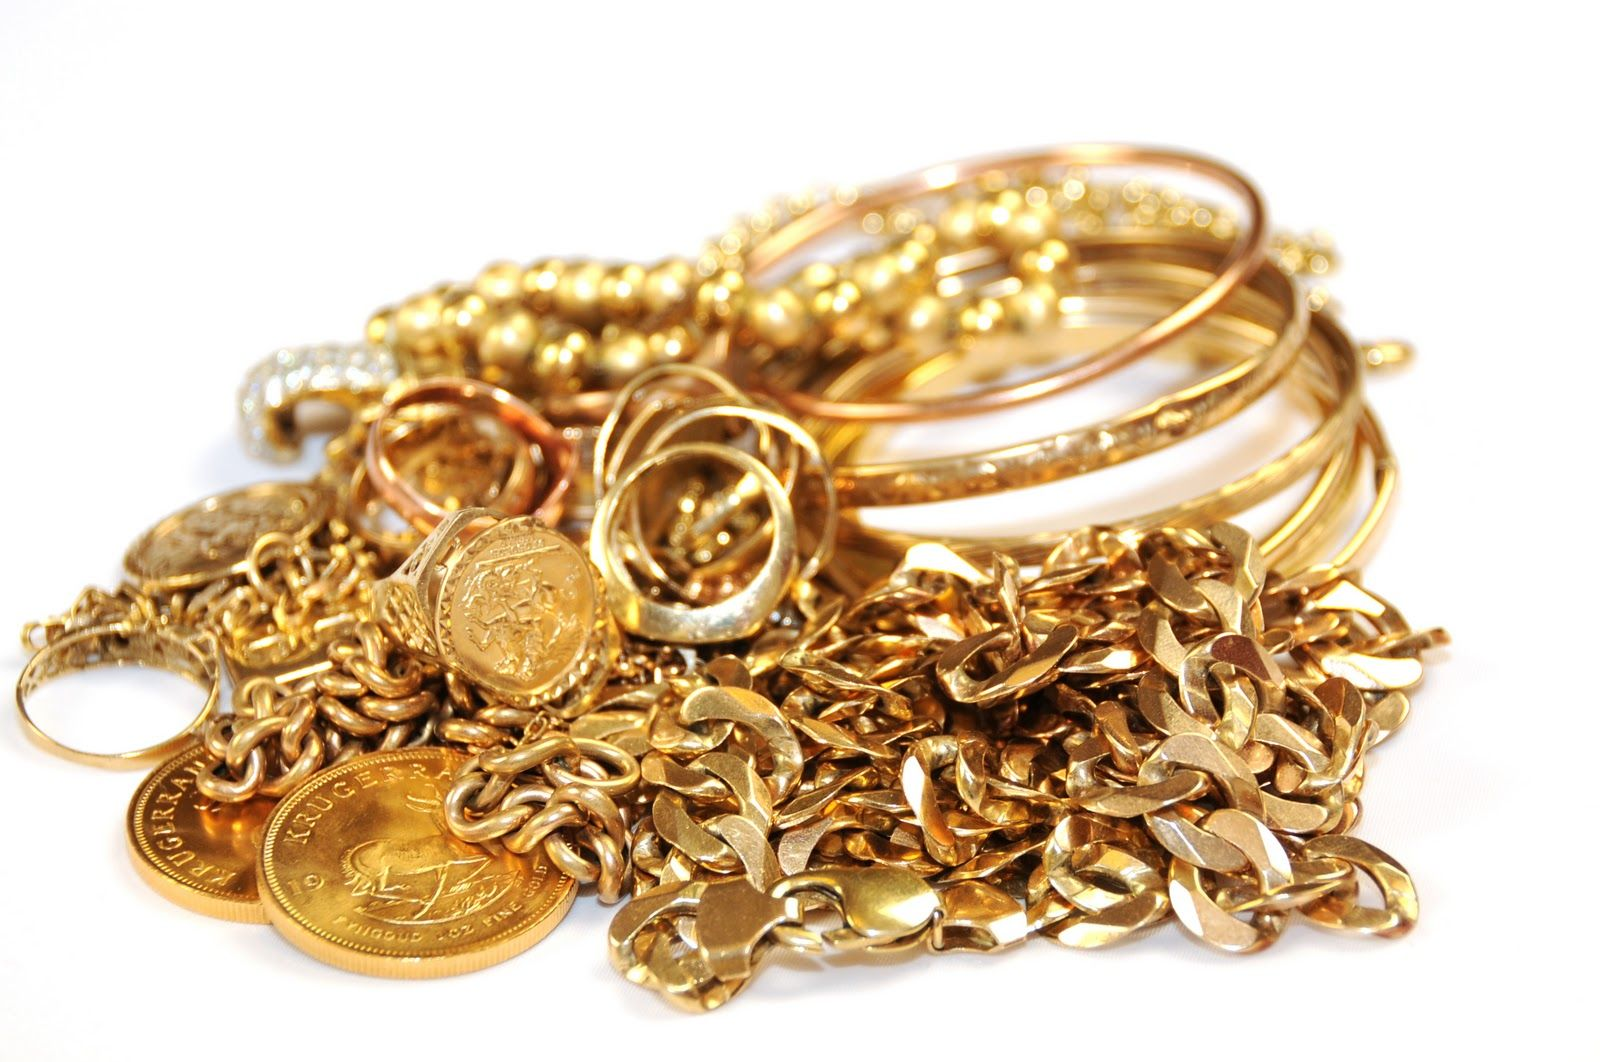 harga emas perhiasan 23 karat bisa diketahui secara online